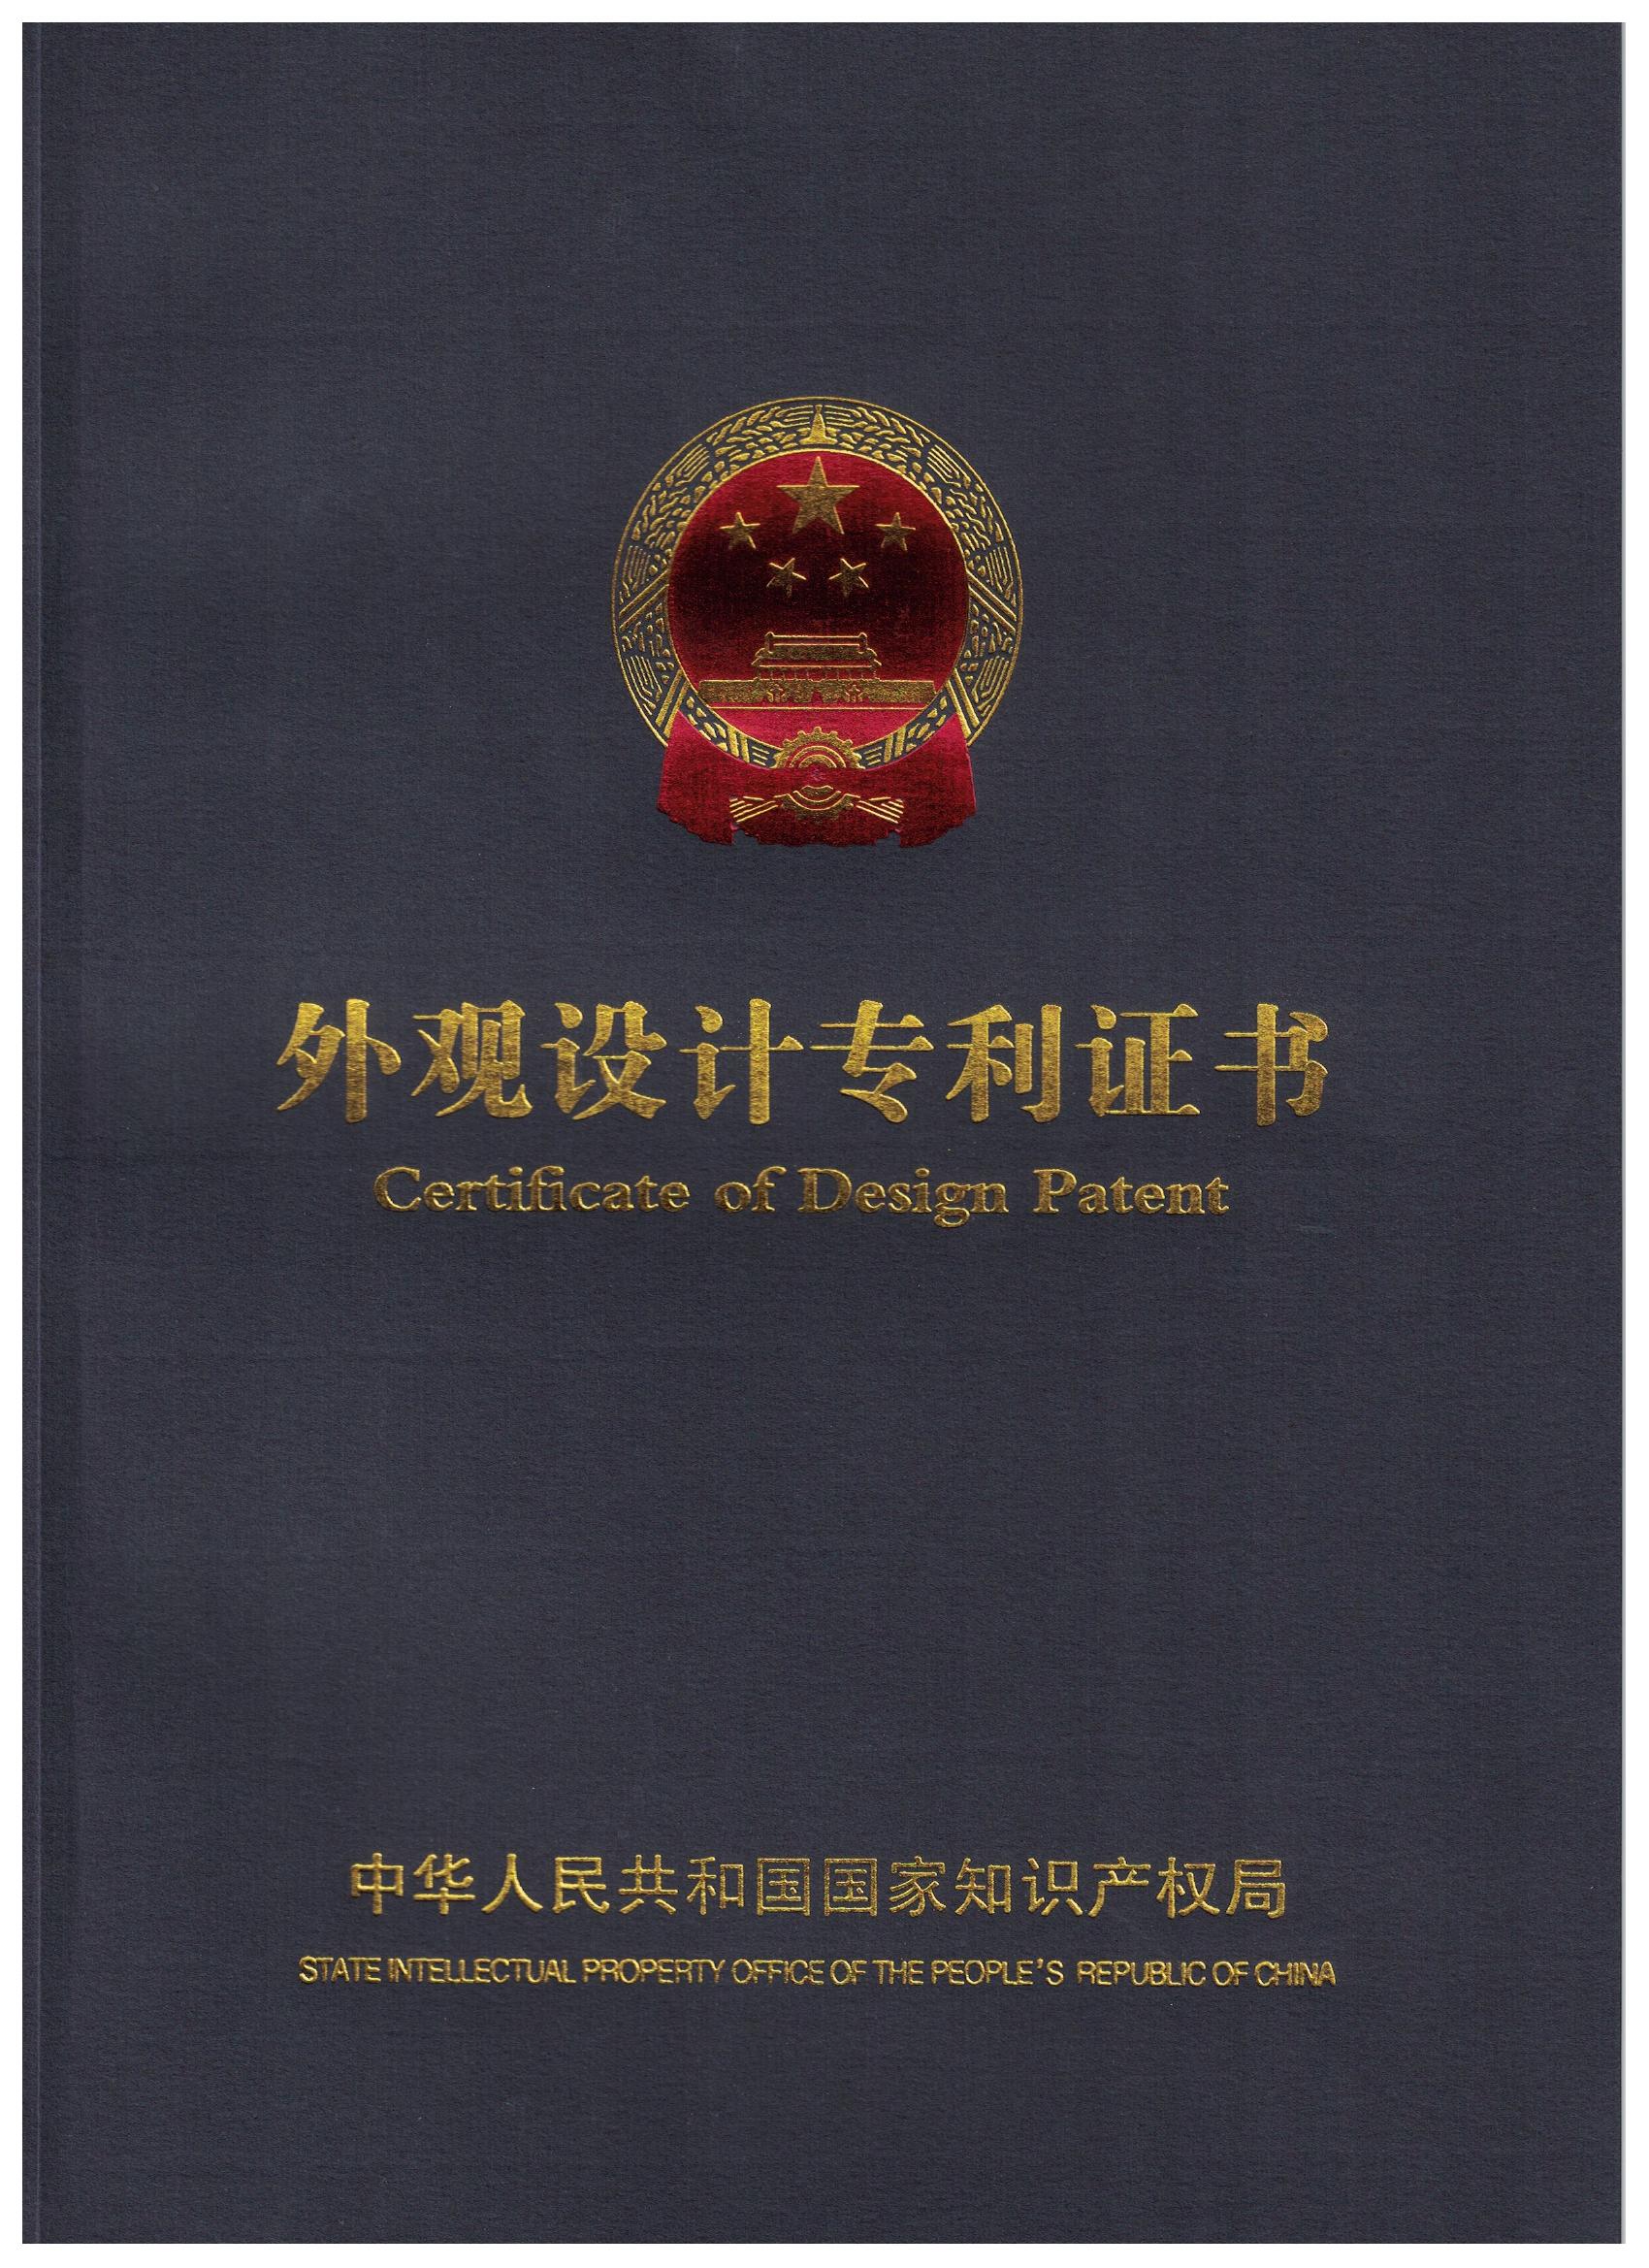 专利证书封面